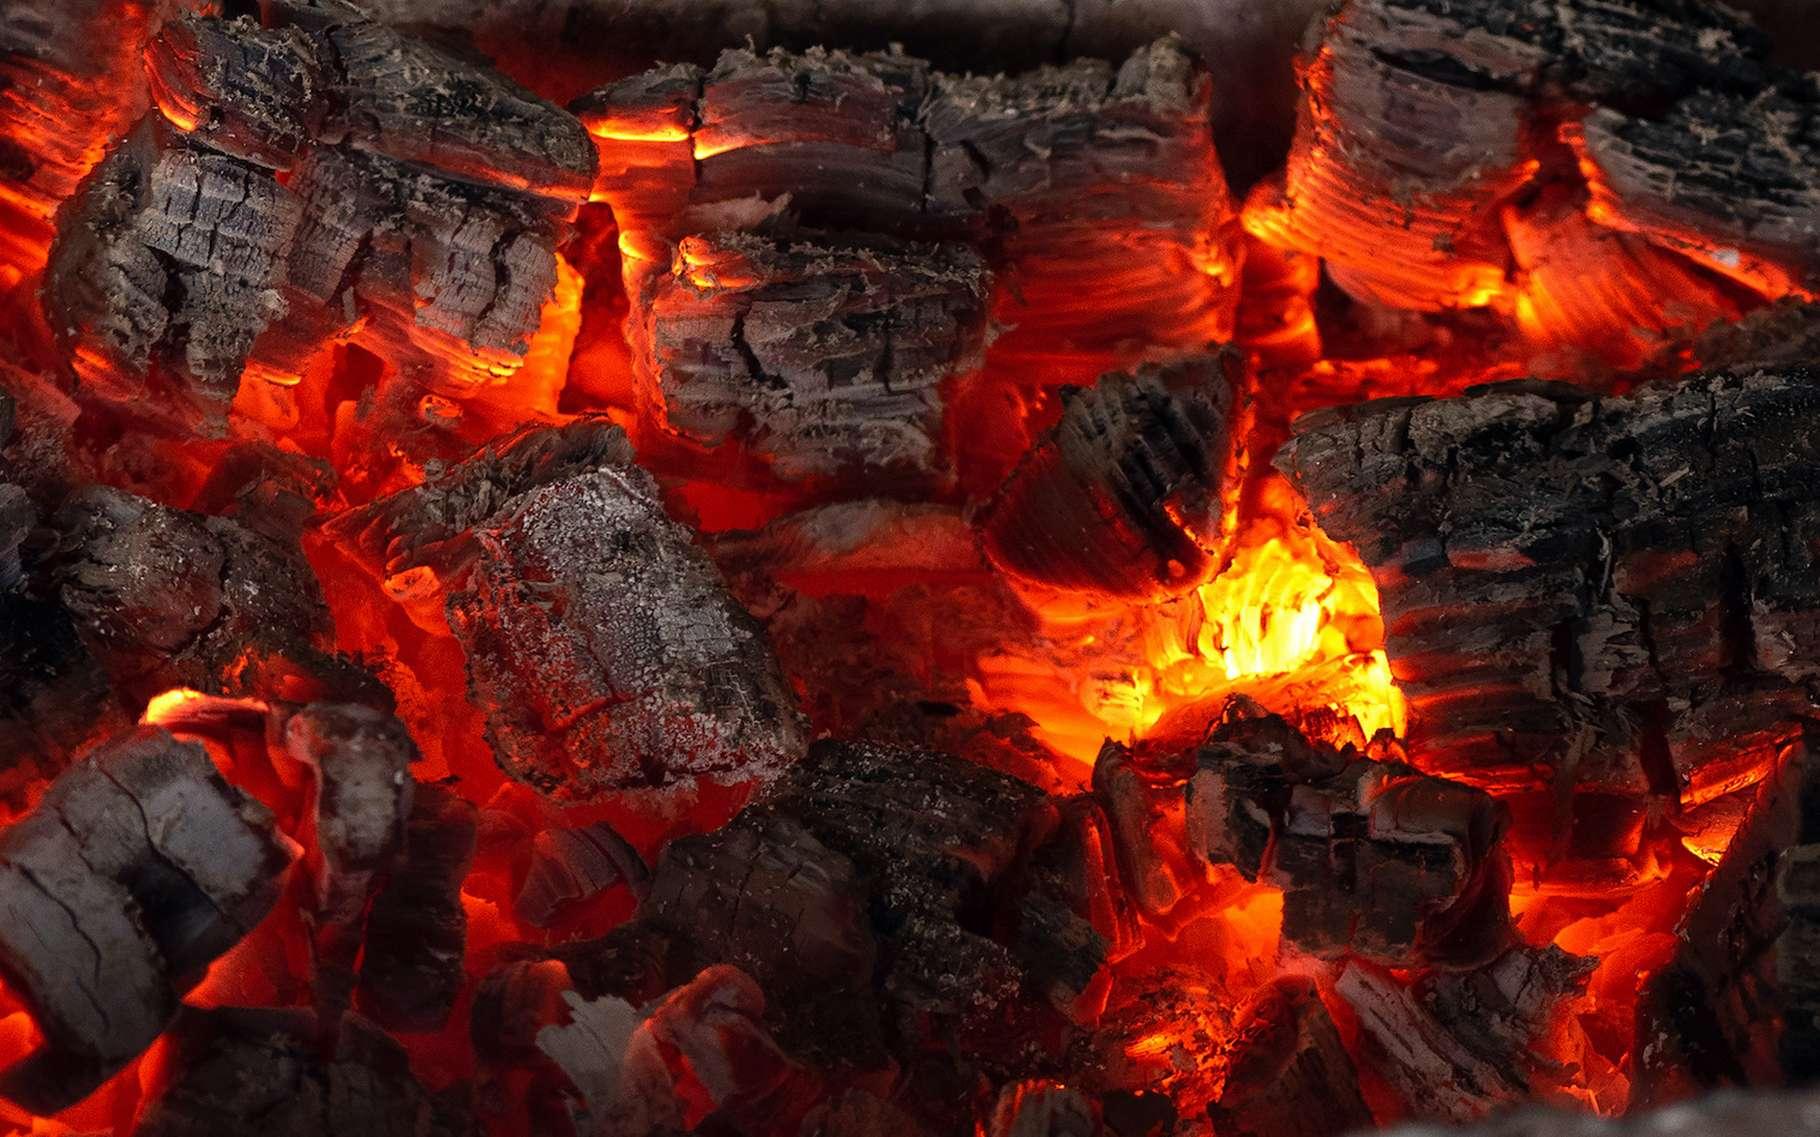 Des chercheurs de l'université de l'État de l'Arizona (États-Unis) présentent des preuves de la combustion d'une quantité colossale de charbon à l'époque où a eu lieu la pire des extinctions de masse sur notre Terre. © Dmitriy, Adobe Stock